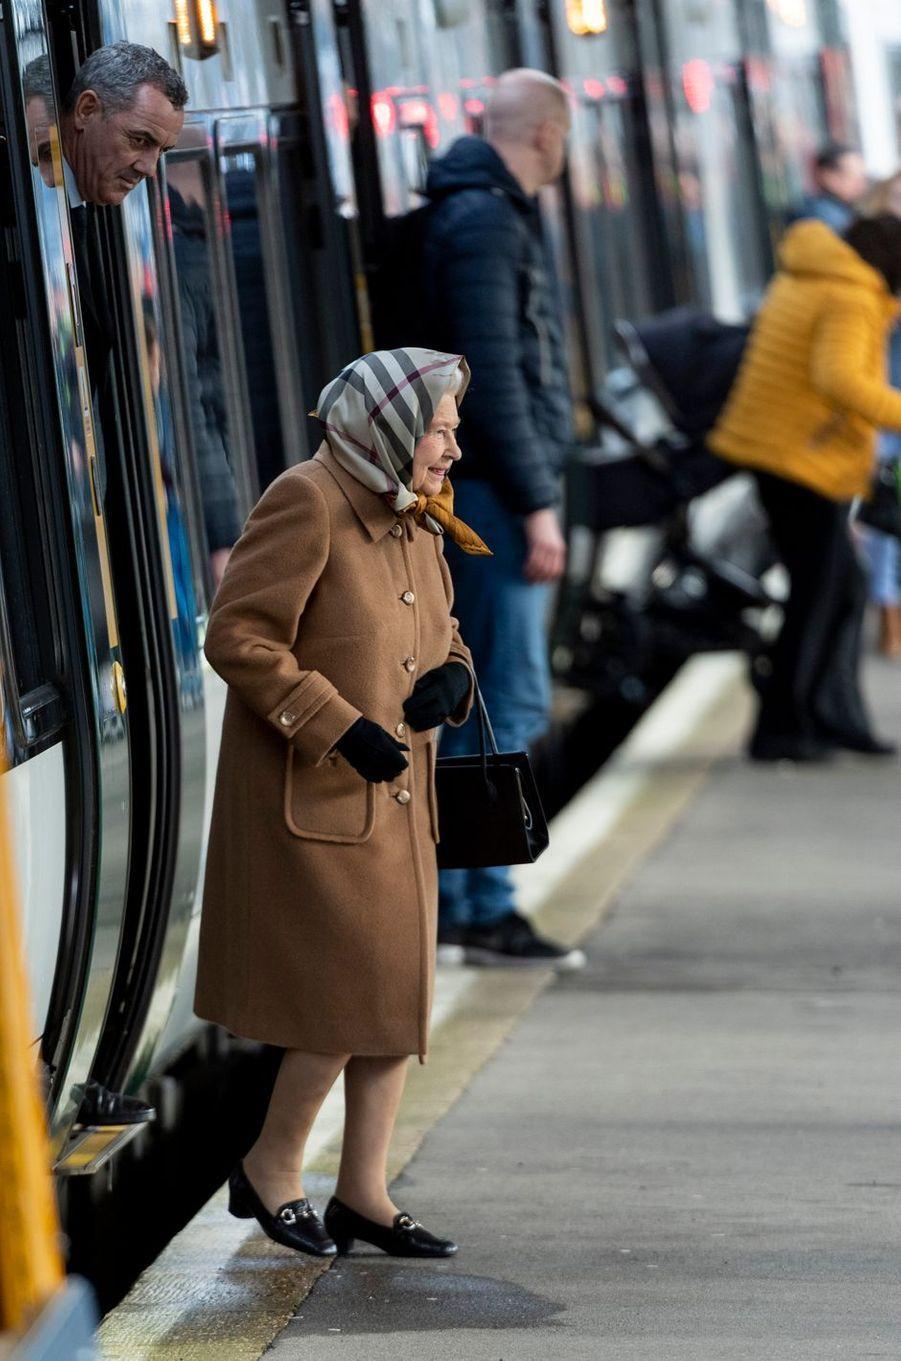 La reine Elizabeth II à son arrivée à la gare de King's Lynn, le 20 décembre 2018